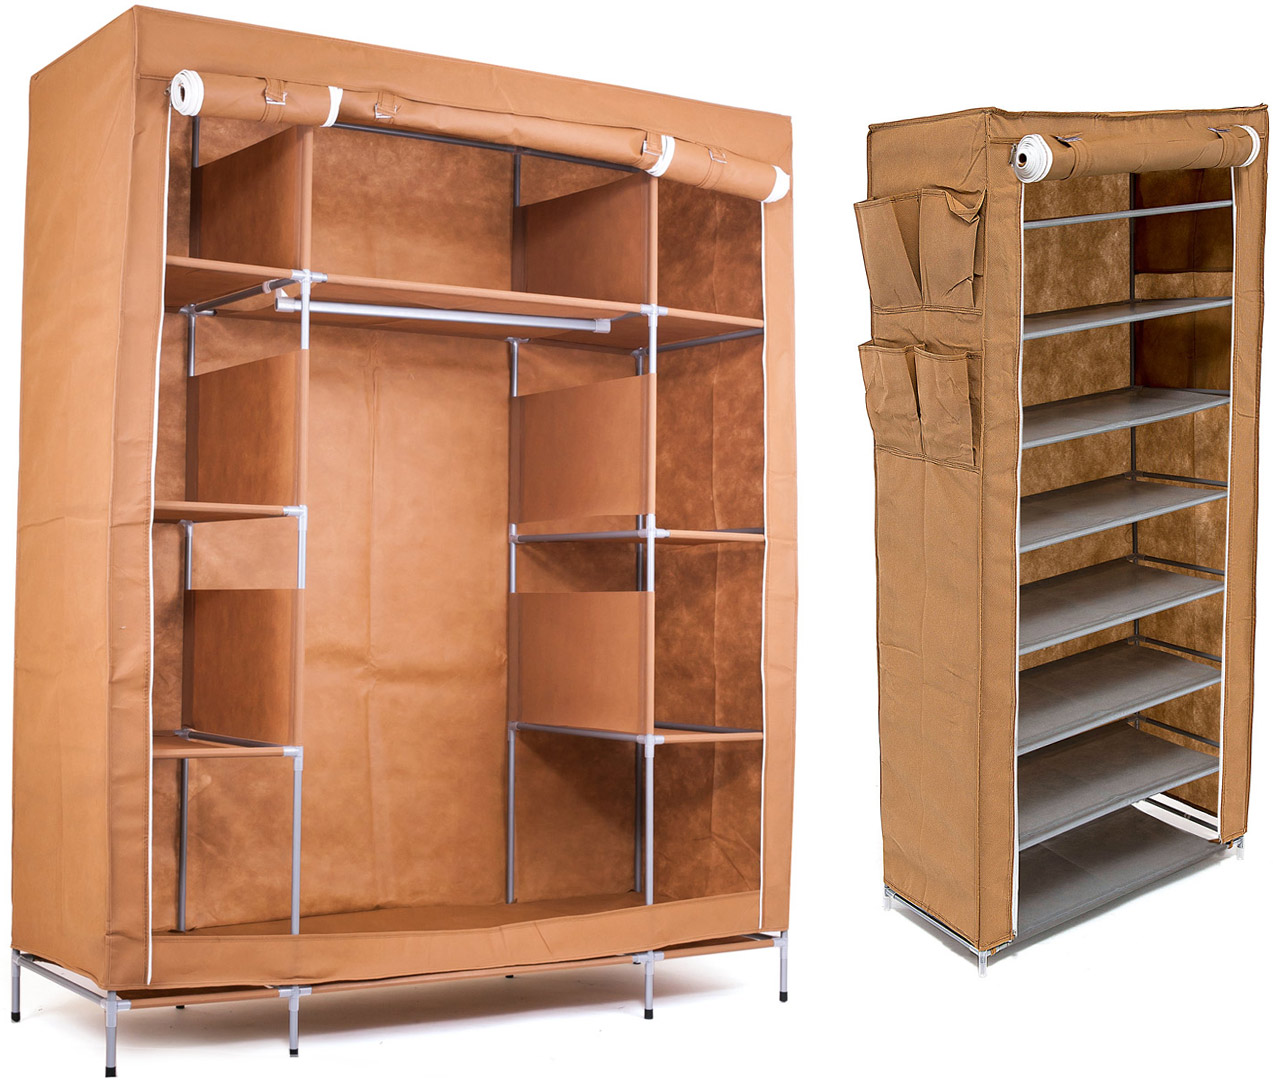 Набор кофров для хранения Homsu, цвет: коричневый, 2 шт1004900000360Уникальный дизайн этого комплекта станет настоящим украшением для любого интерьера. Практичная составляющая подобной мебели также вне сомнений. Лёгкие и прочные устойчивые конструкции из каркасов и тканевой обивки могут быть легко собраны вами без посторонней помощи, буквально за несколько минут.Такая мебель будет всегда удобной и максимально практичной, ведь верхнюю тканевую часть при надобности можно всегда постирать либо же попросту поменять на аналогичную другого цвета. Кроме того, такие конструкции всегда будут отличным решением для того, кому по душе мобильность и постоянная смена обстановки. 1400х500х1750; 600х300х1360